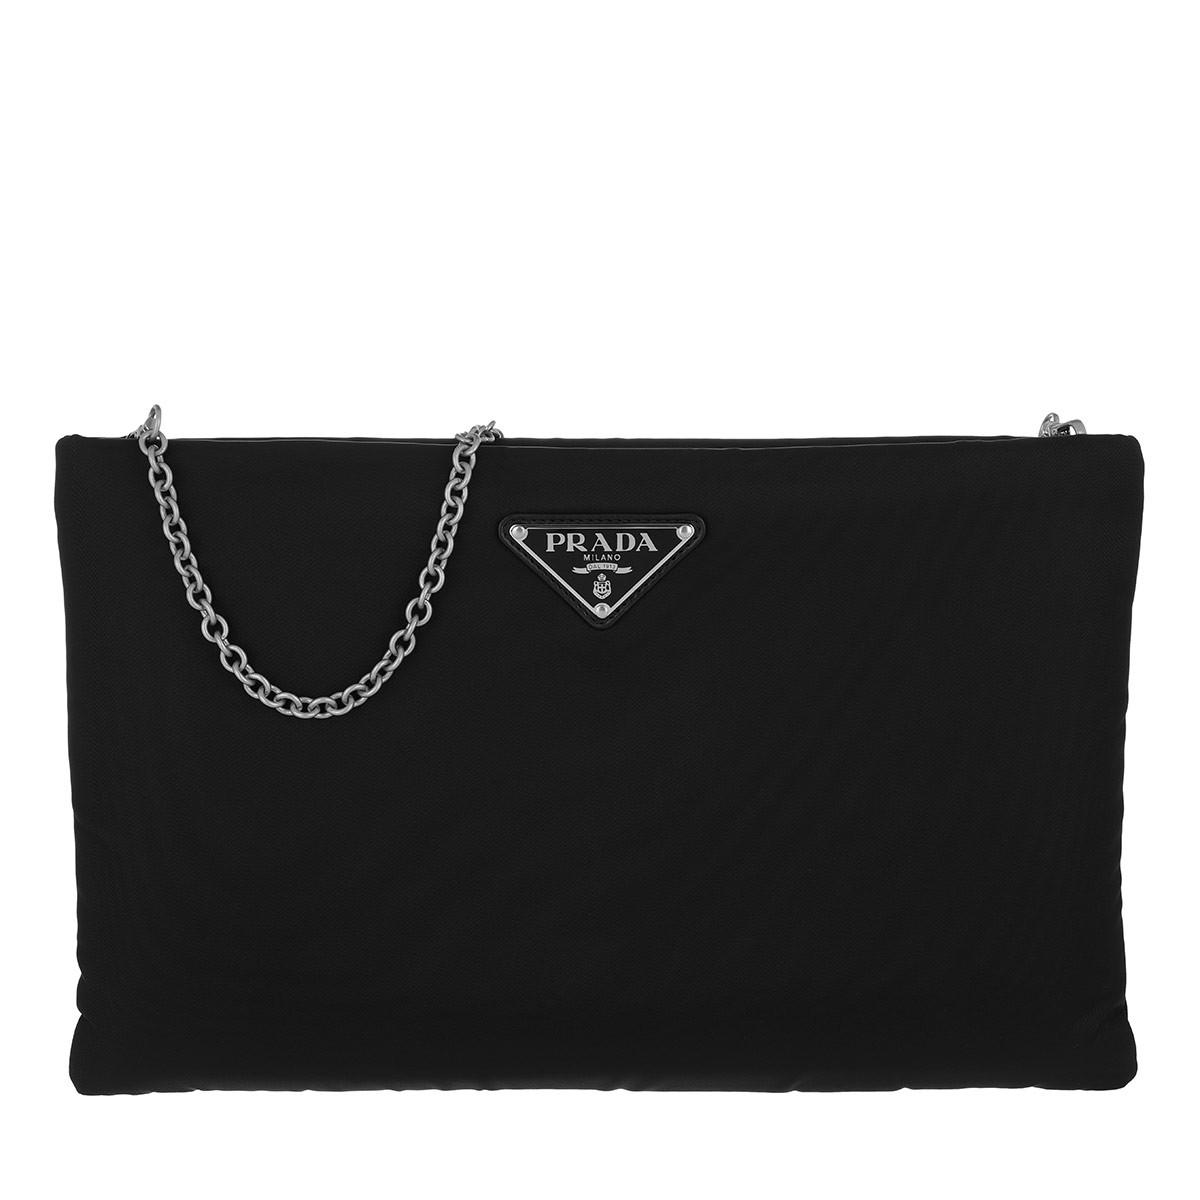 Prada Umhängetasche - Padded Nylon Clutch Medium Nero - in schwarz - für Damen